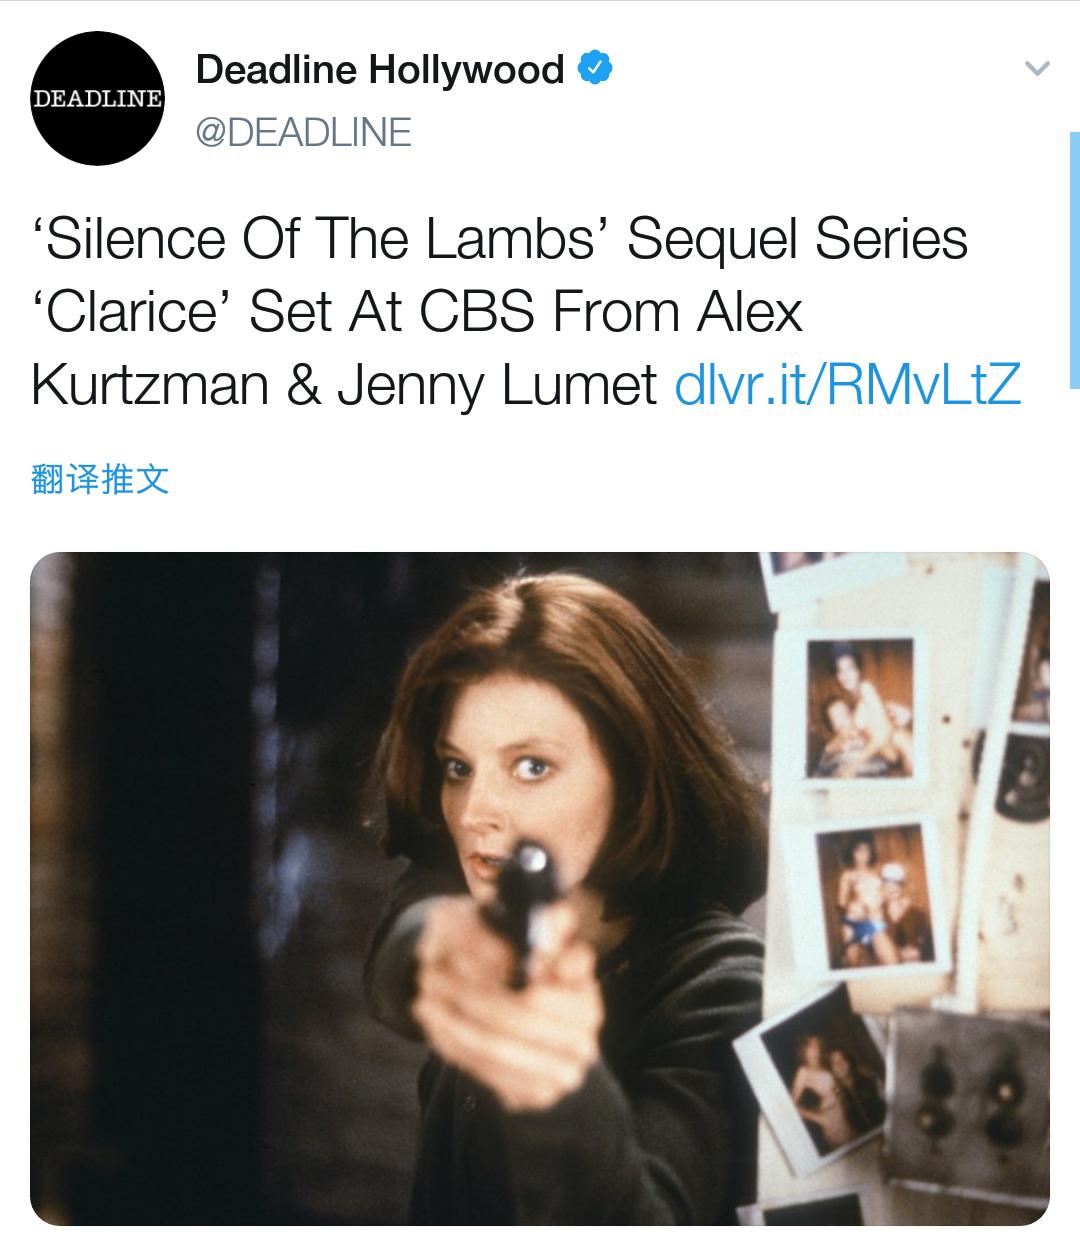 《沉默的羔羊》将拍美剧续集《克拉丽丝》 故事发生在电影版一年之后